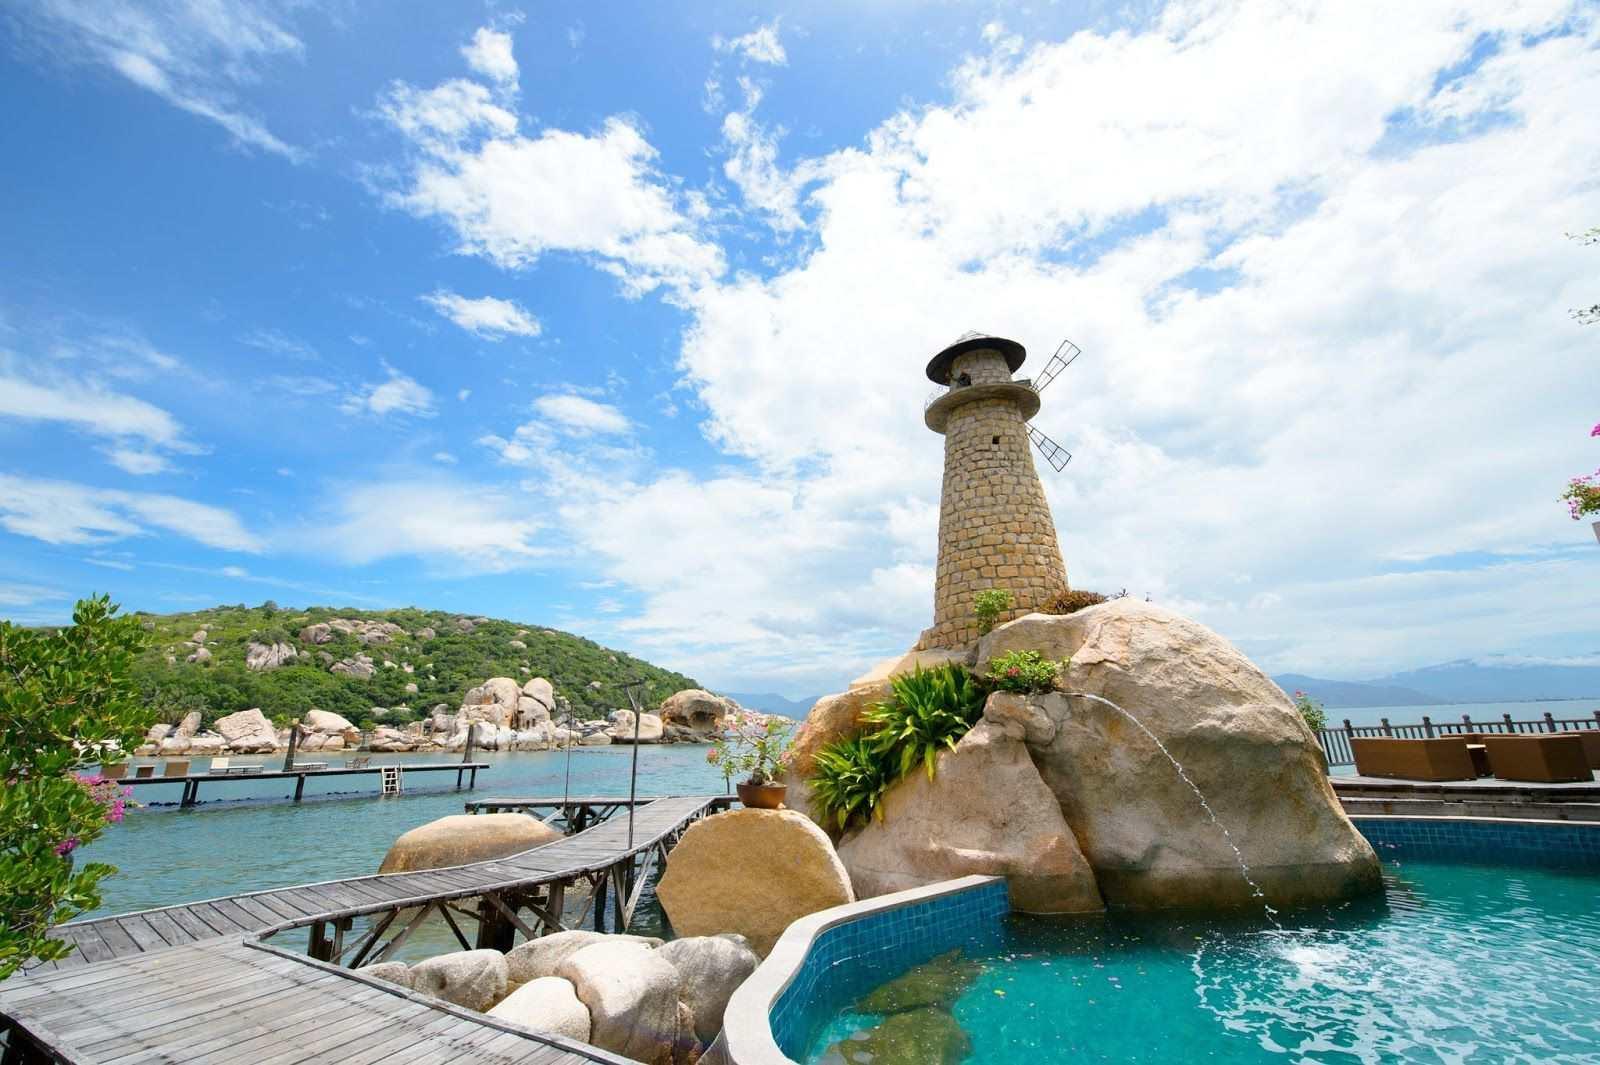 Kinh nghiệm du lịch đảo Bình Hưng hoang sơ tại Khánh Hòa